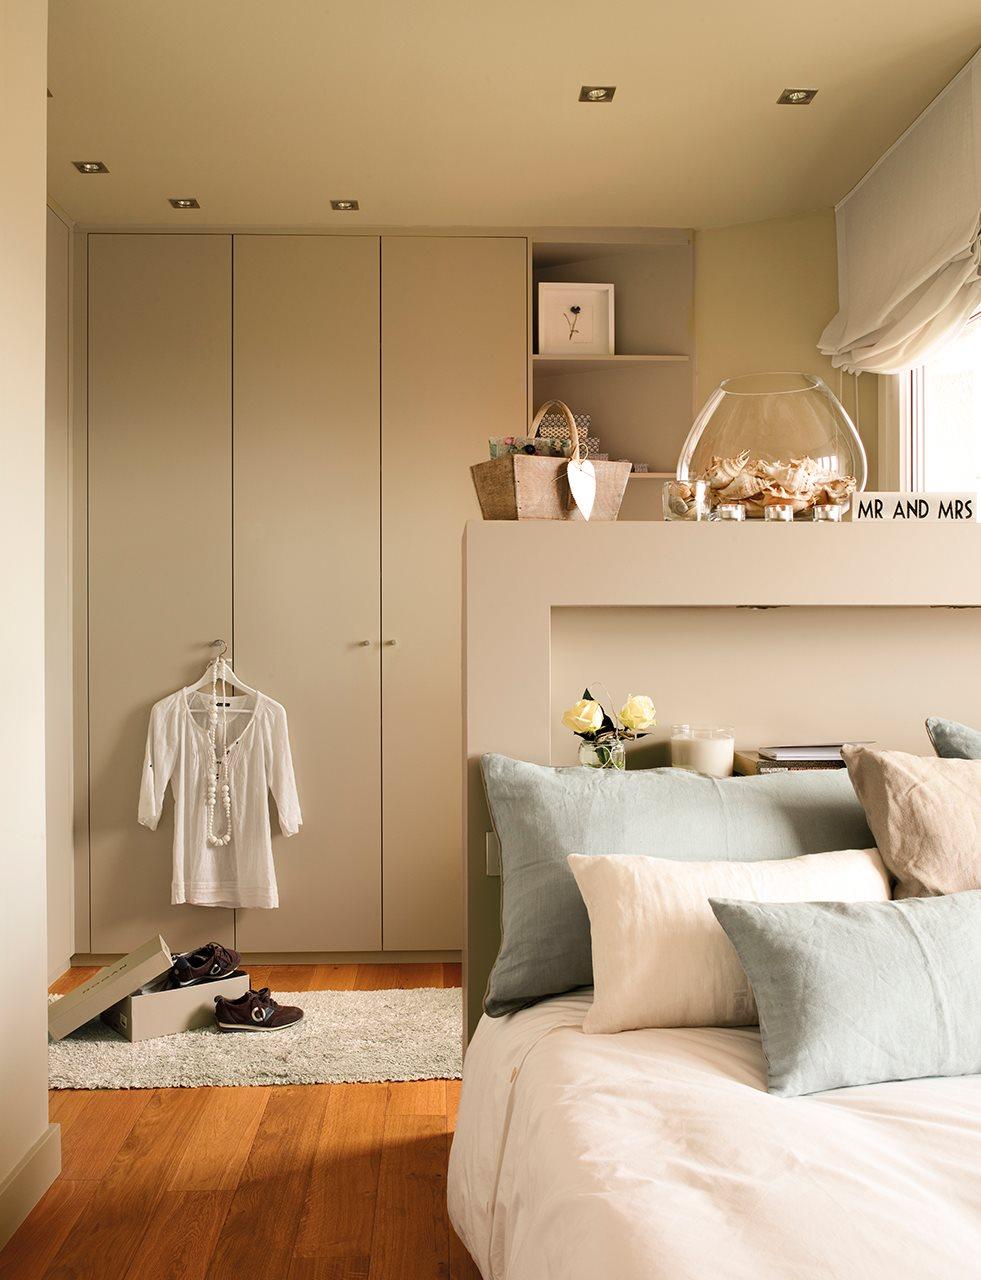 Dos pisos peque os transformados en la casa de una pareja - Cabeceros de obra ...